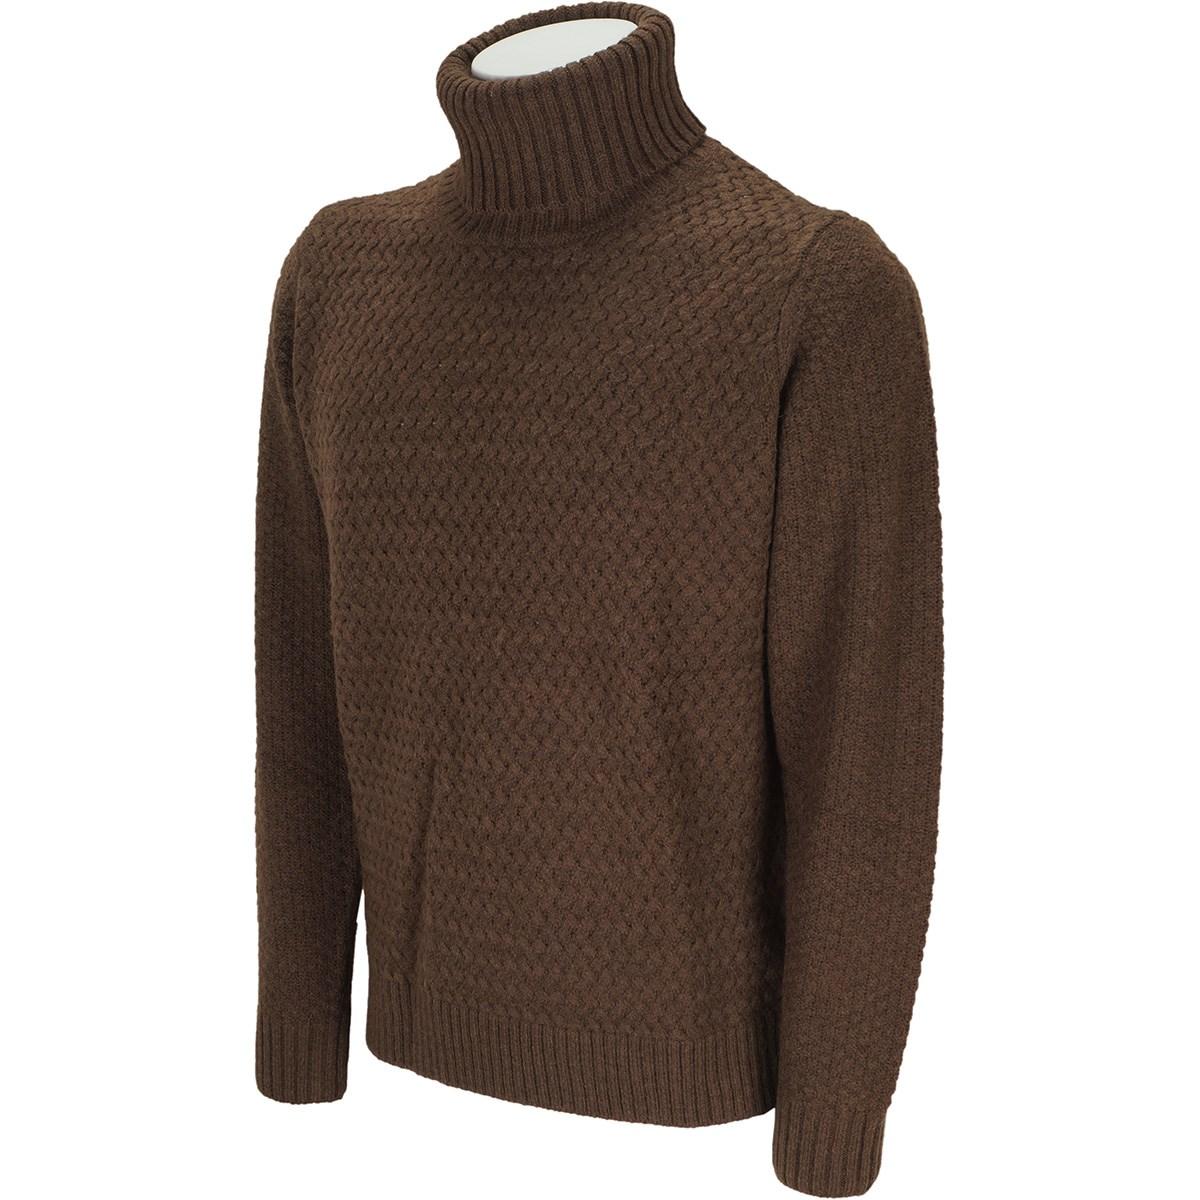 マスターバニーエディション 変わり編み タートルネックセーター